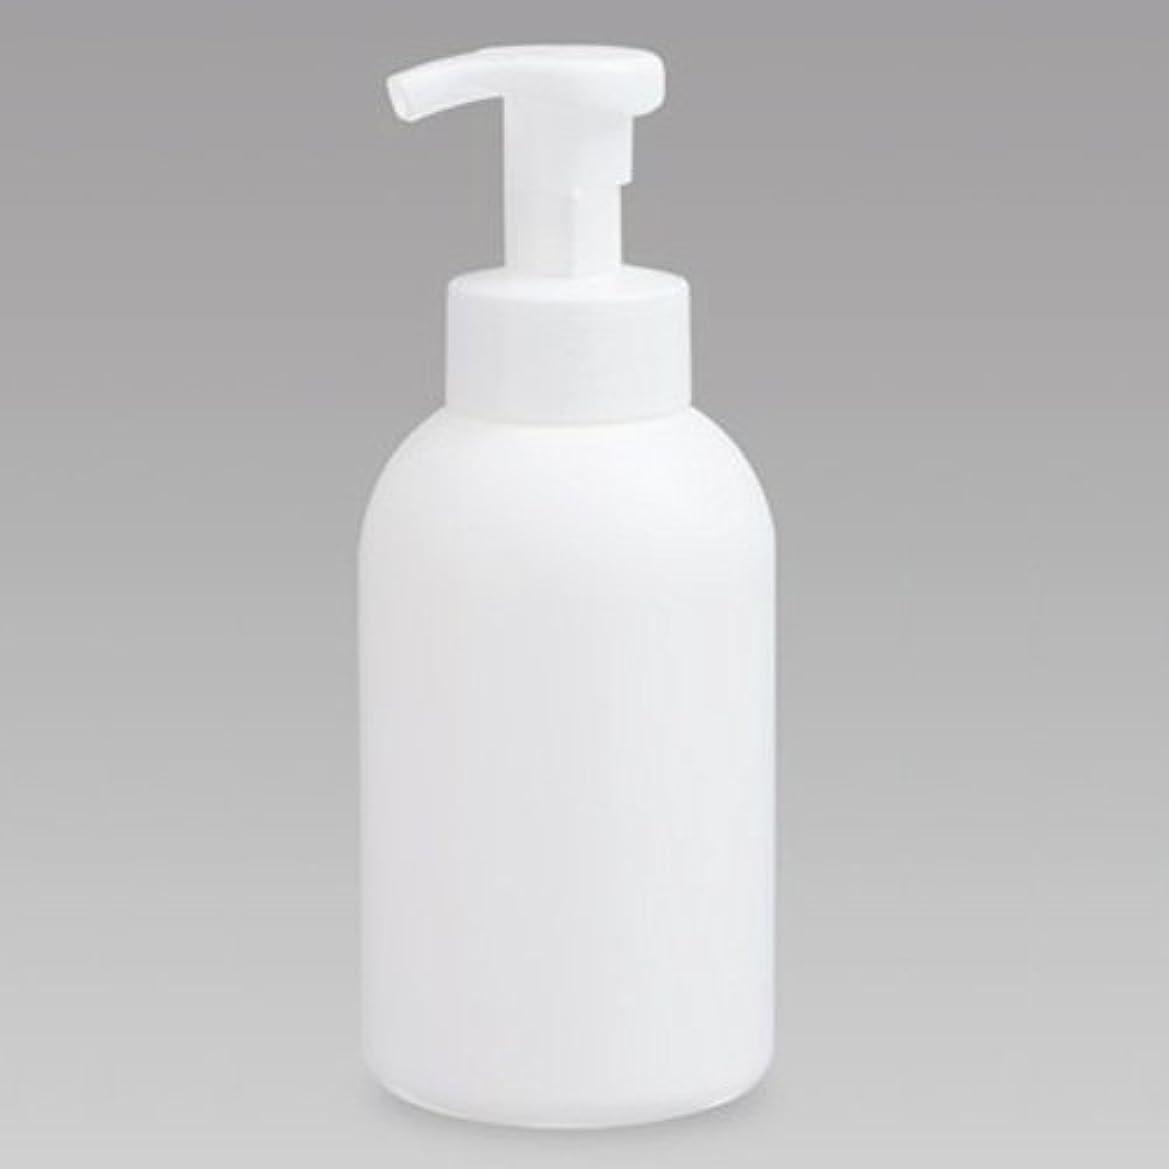 家族優先権花泡ボトル 泡ポンプボトル 500mL(PE) ホワイト 詰め替え 詰替 泡ハンドソープ 全身石鹸 ボディソープ 洗顔フォーム